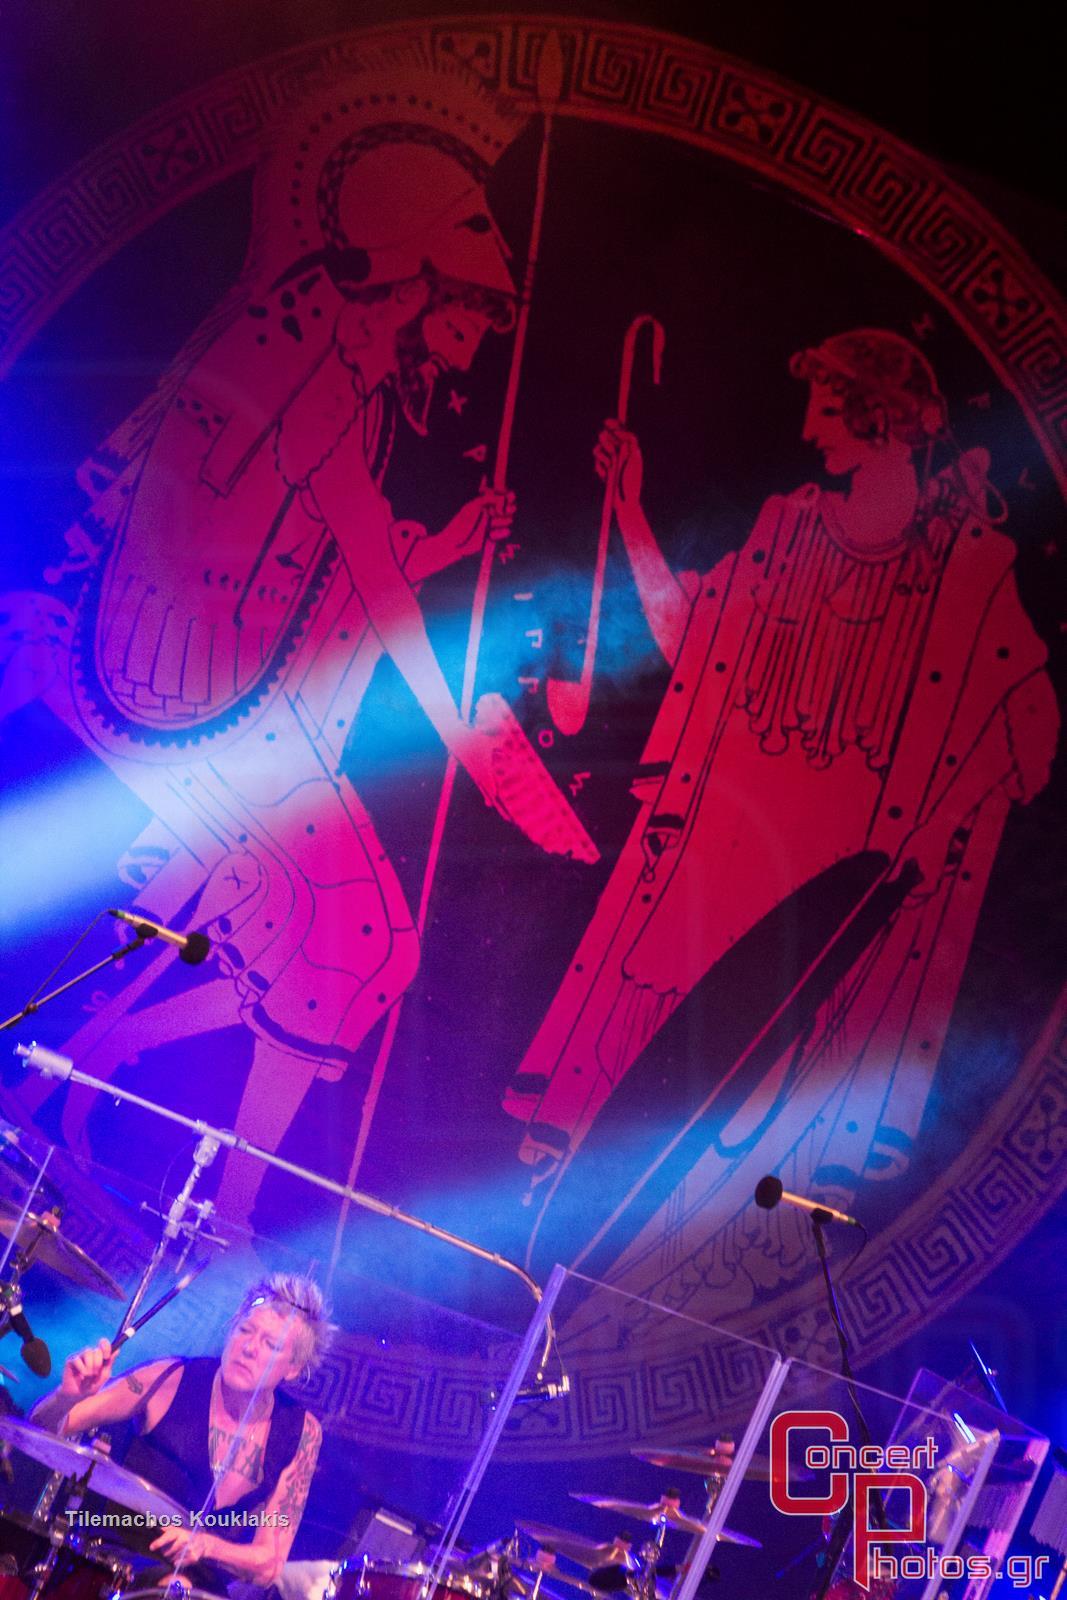 Scorpions-Scorpions photographer: Tilemachos Kouklakis - concertphotos_-6825